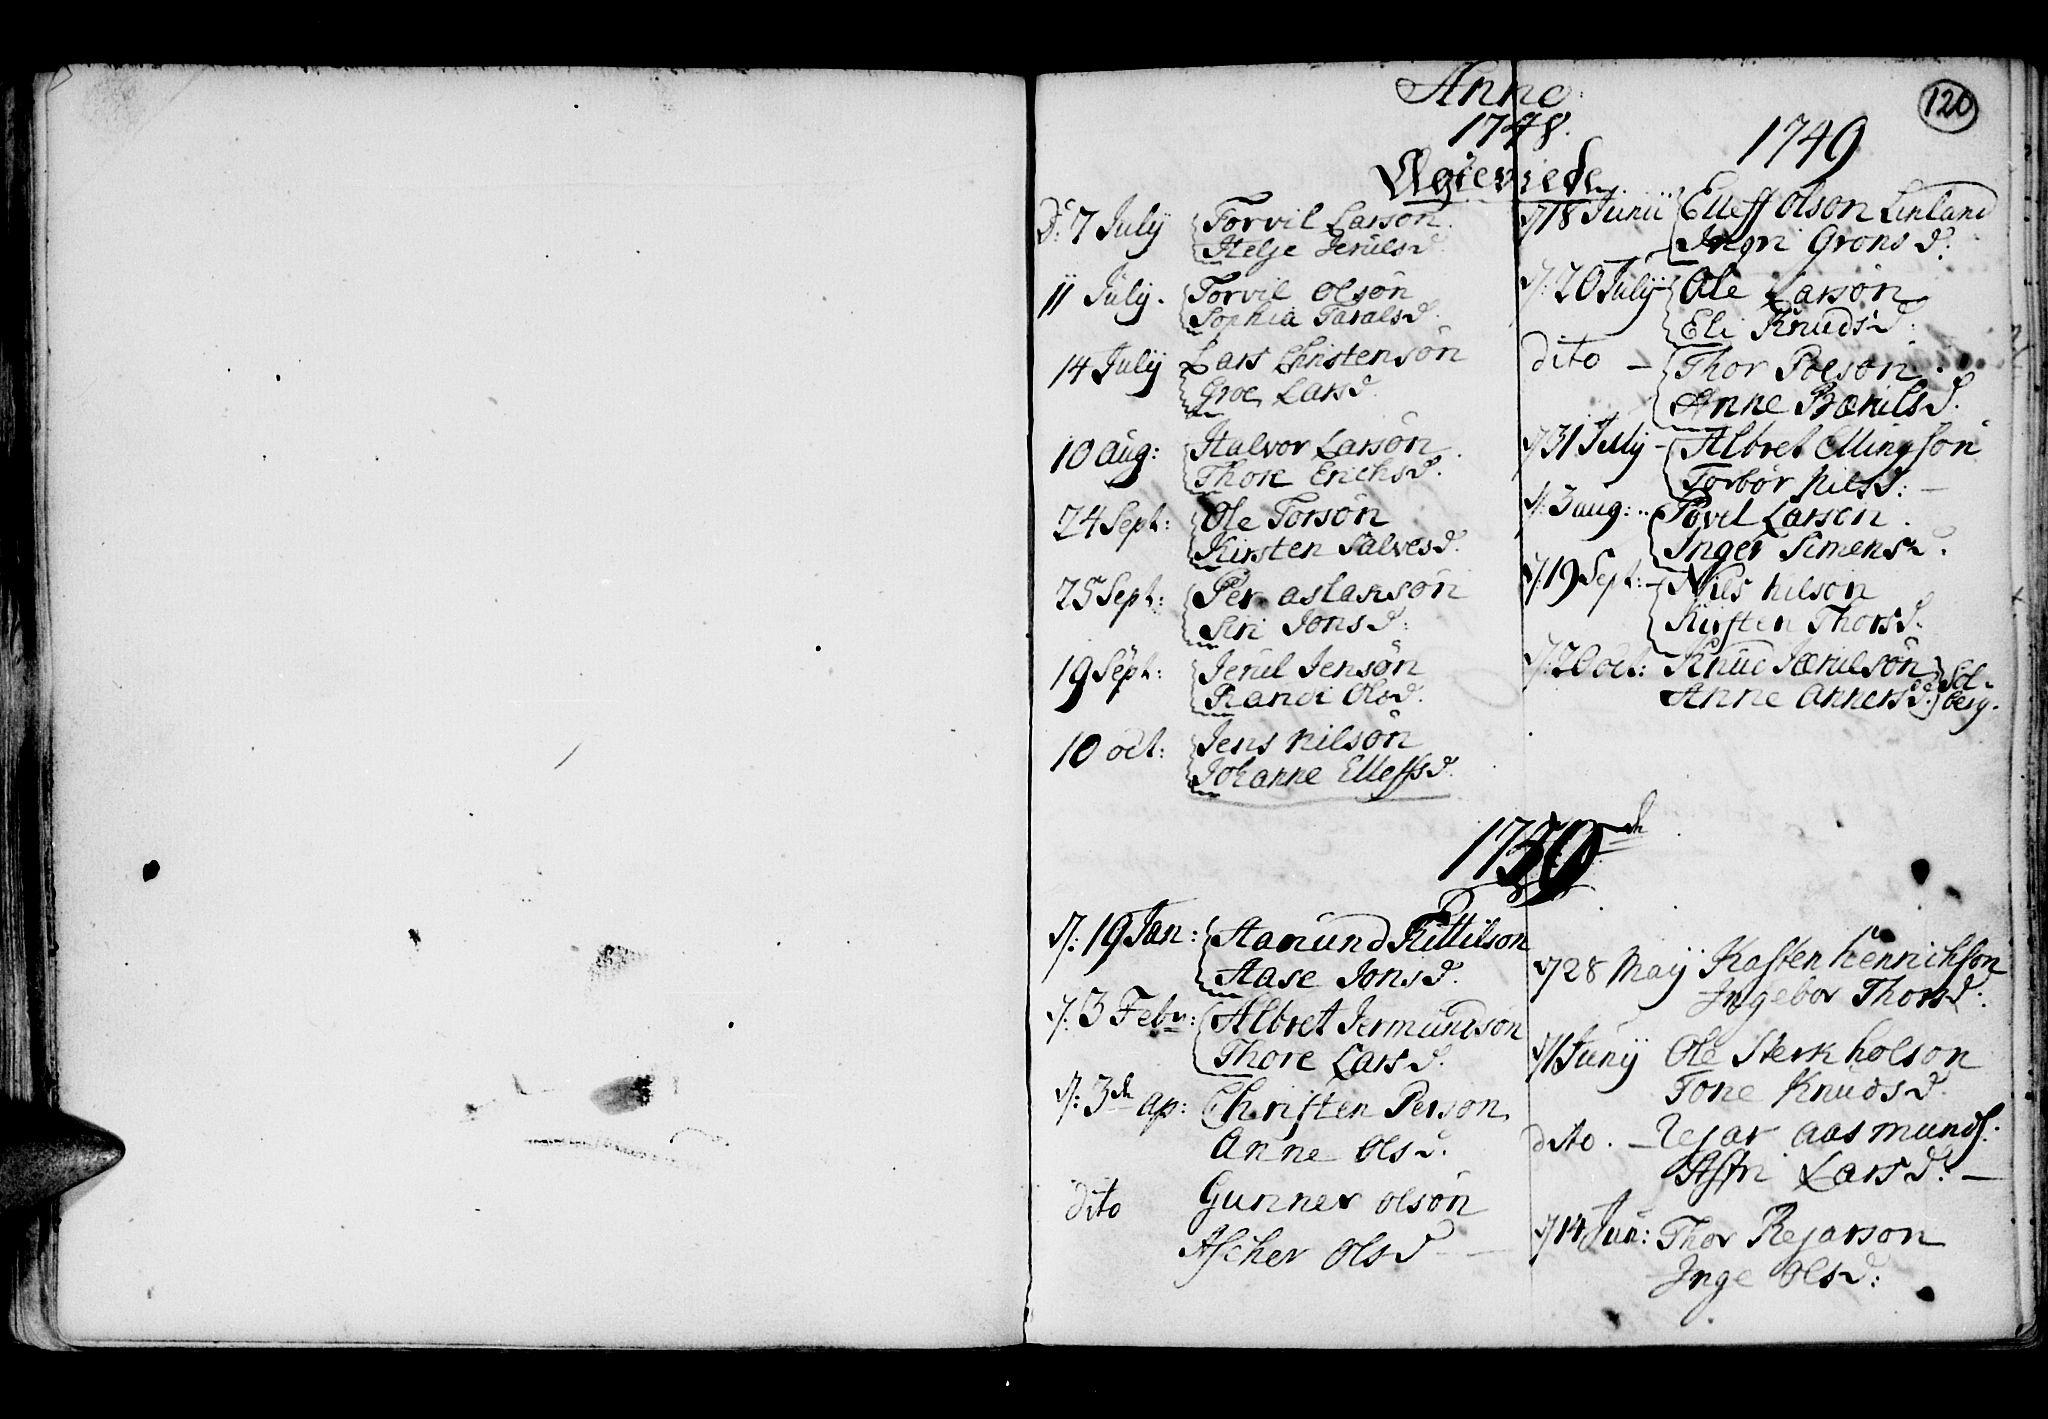 SAK, Holt sokneprestkontor, F/Fb/L0005: Klokkerbok nr. B 5, 1746-1764, s. 120